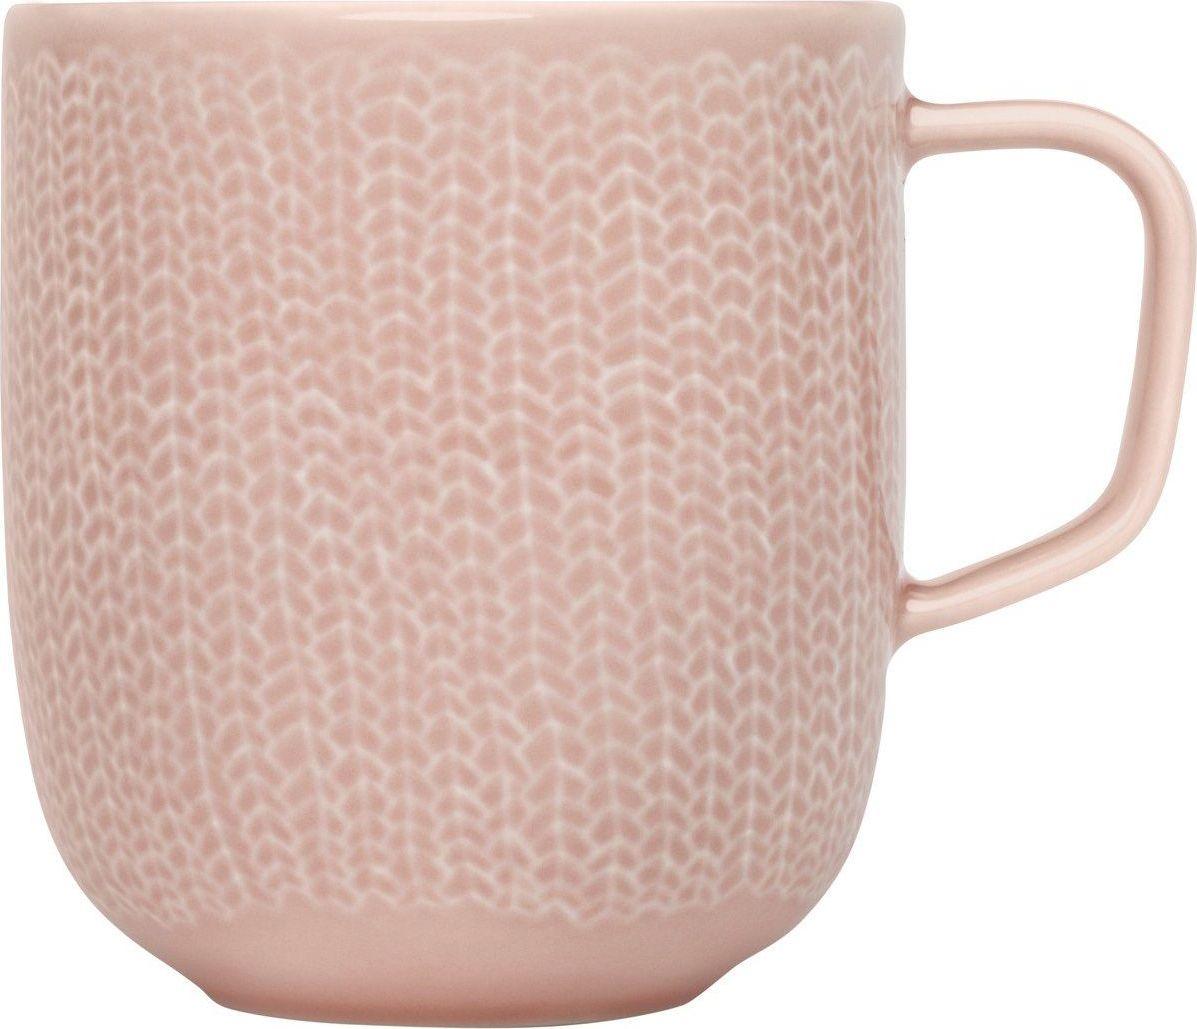 Кружка Iittala Sarjaton, цвет: розовый, 360 мл1006220Кружка Iittala Sarjaton выполнена из высококачественного фарфора. Необычная кружка имеет широкую горловину и удобную ручку для повседневного использования. Не оставит равнодушным ни одного из ваших гостей и станет прекрасным выбором для подарка.Серия Iittala Sarjaton является результатом сотрудничества талантливых дизайнеров из моды, графики и цифрового дизайна, которых объединило общее видение финских традиций в современном виде.